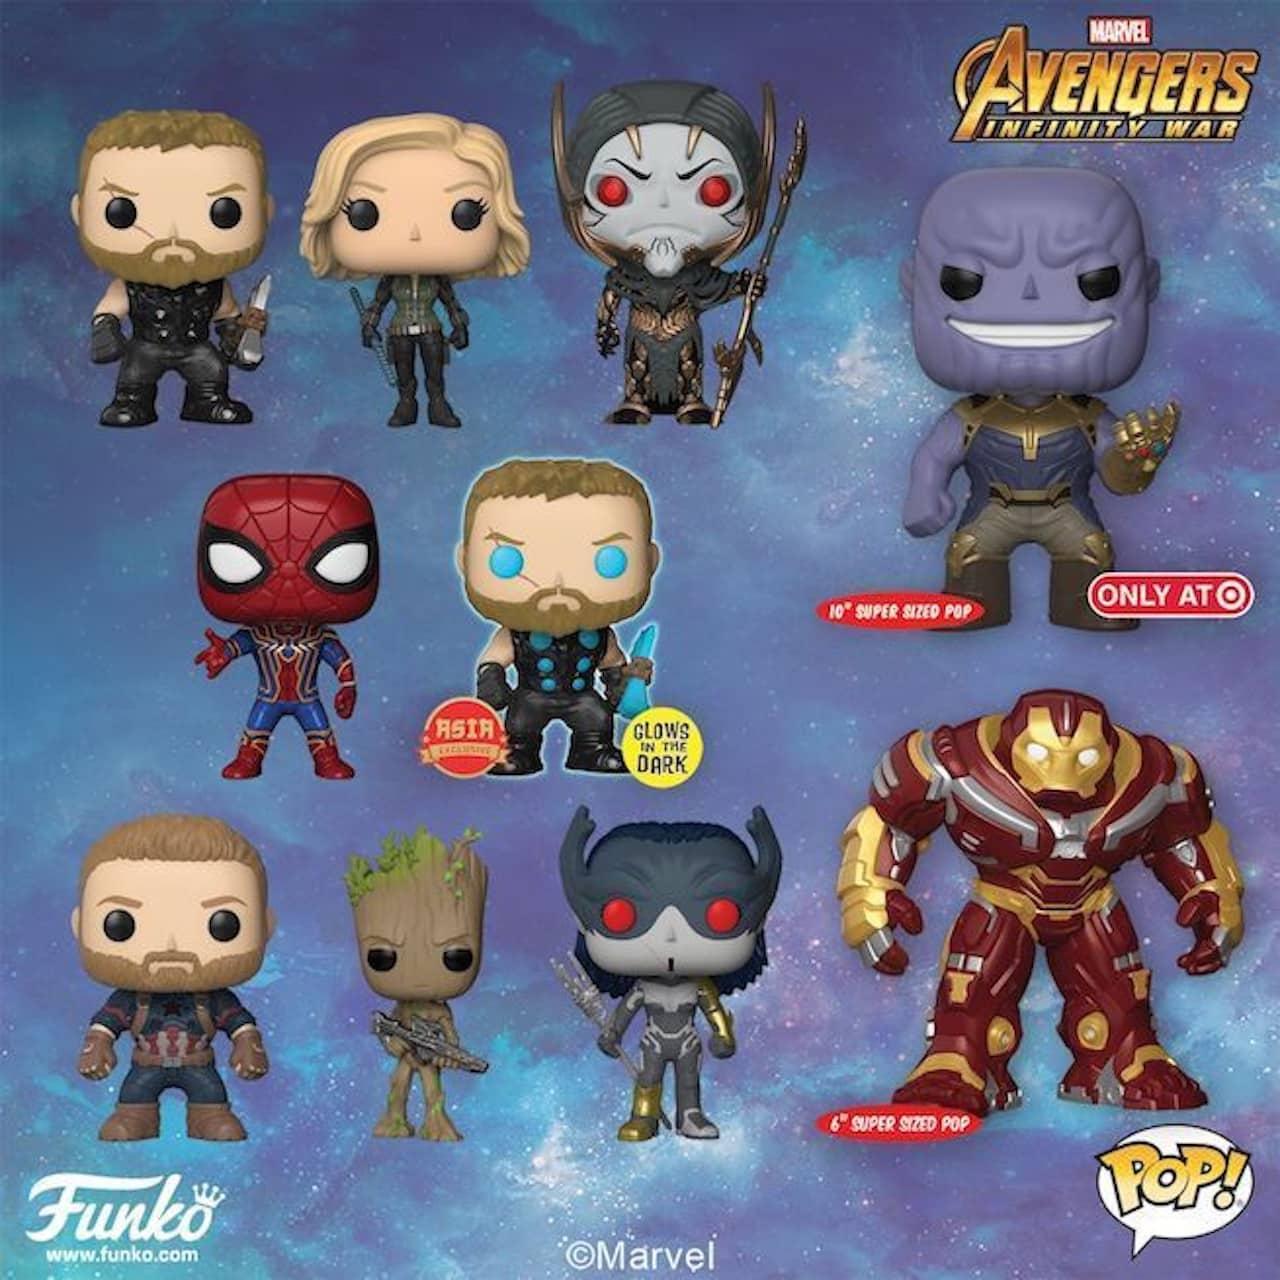 Avengers Infinity War Ecco Il Funko Pop Con Iron Spider